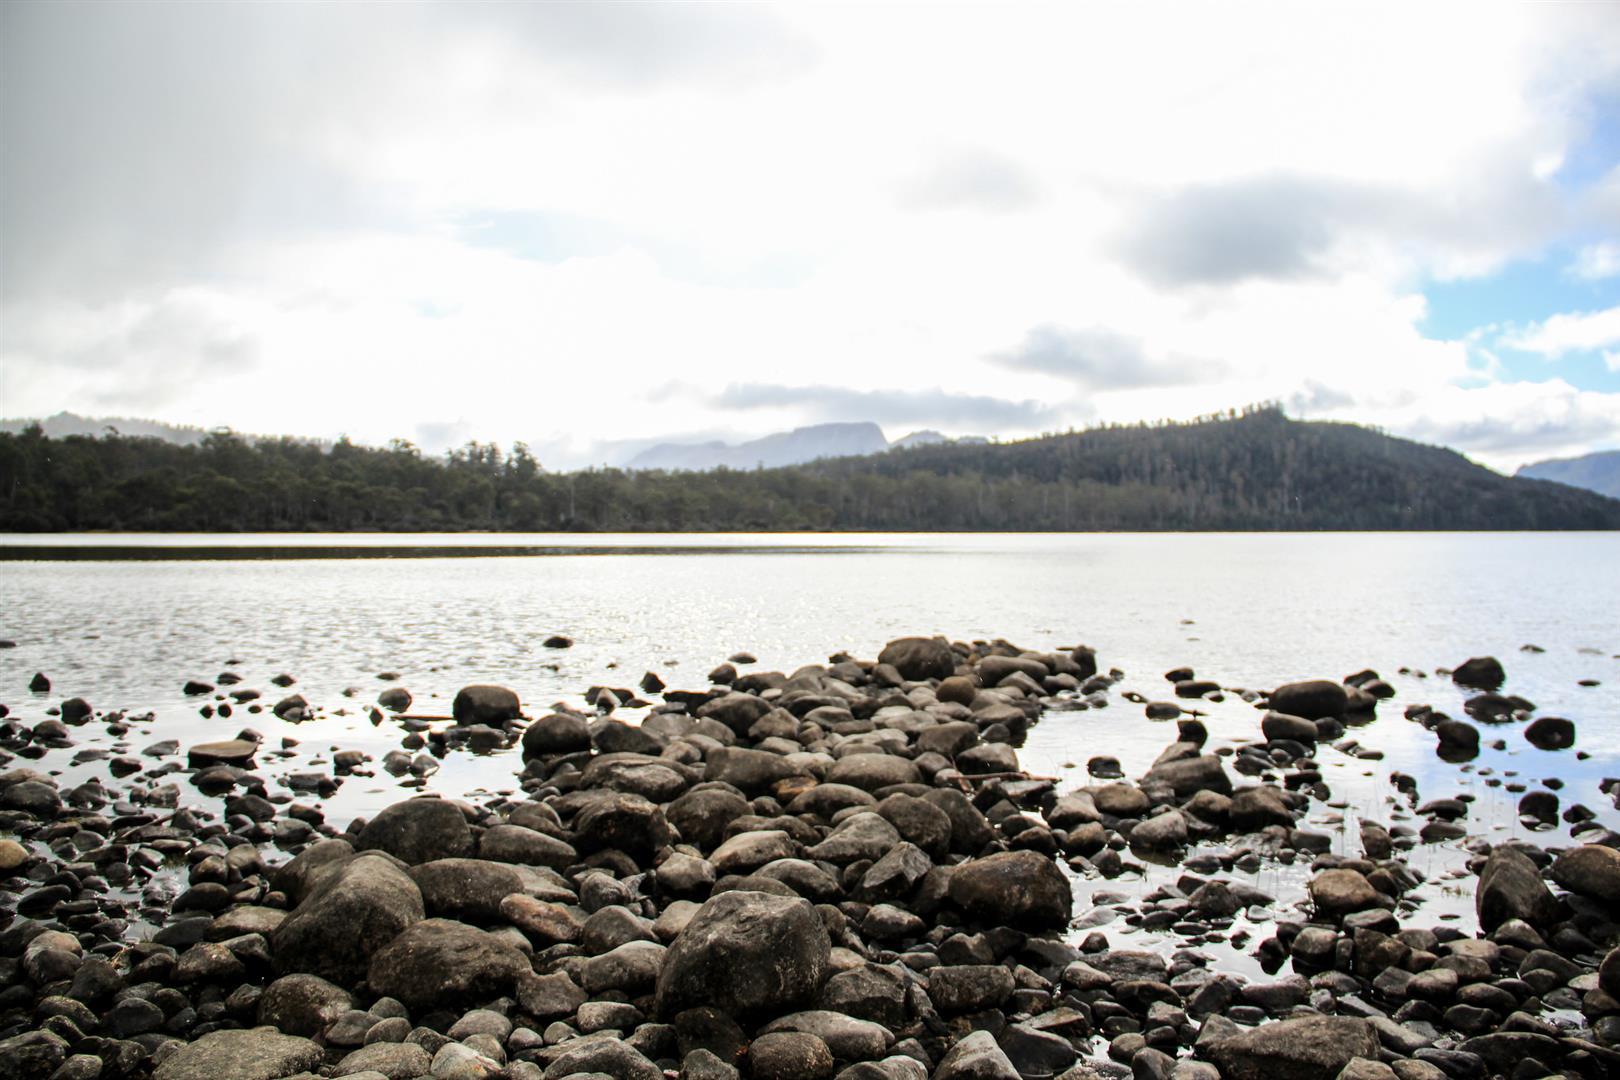 lago com pedras e montanhas